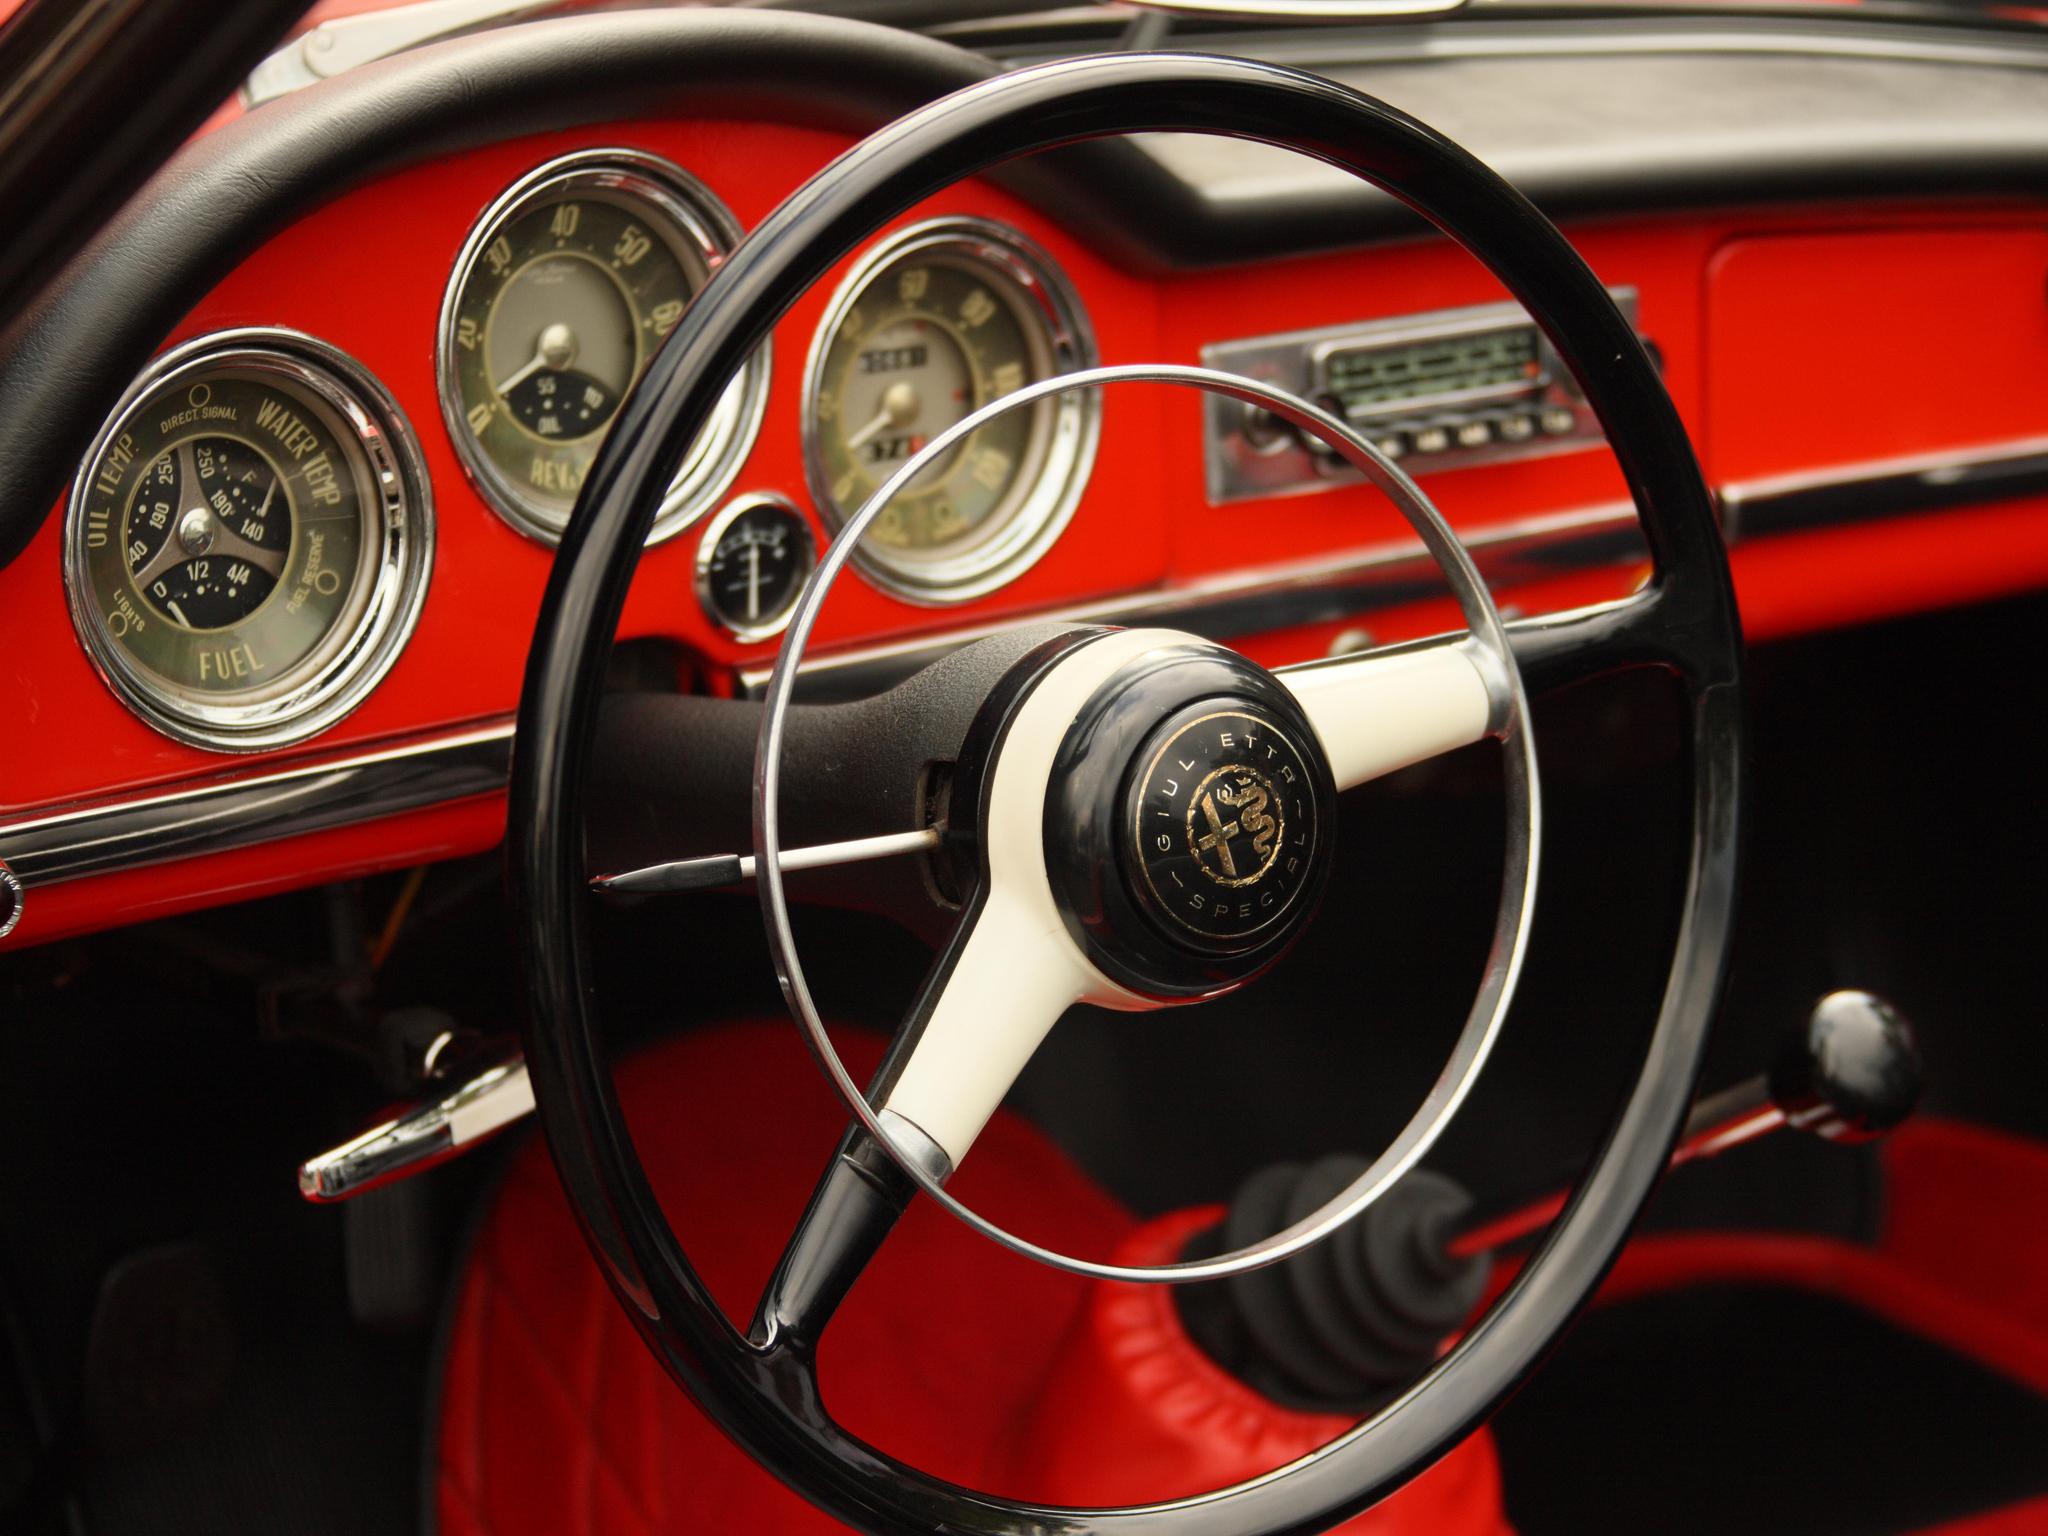 1956 Alfa Romeo Giulietta Spider retro interior g wallpaper